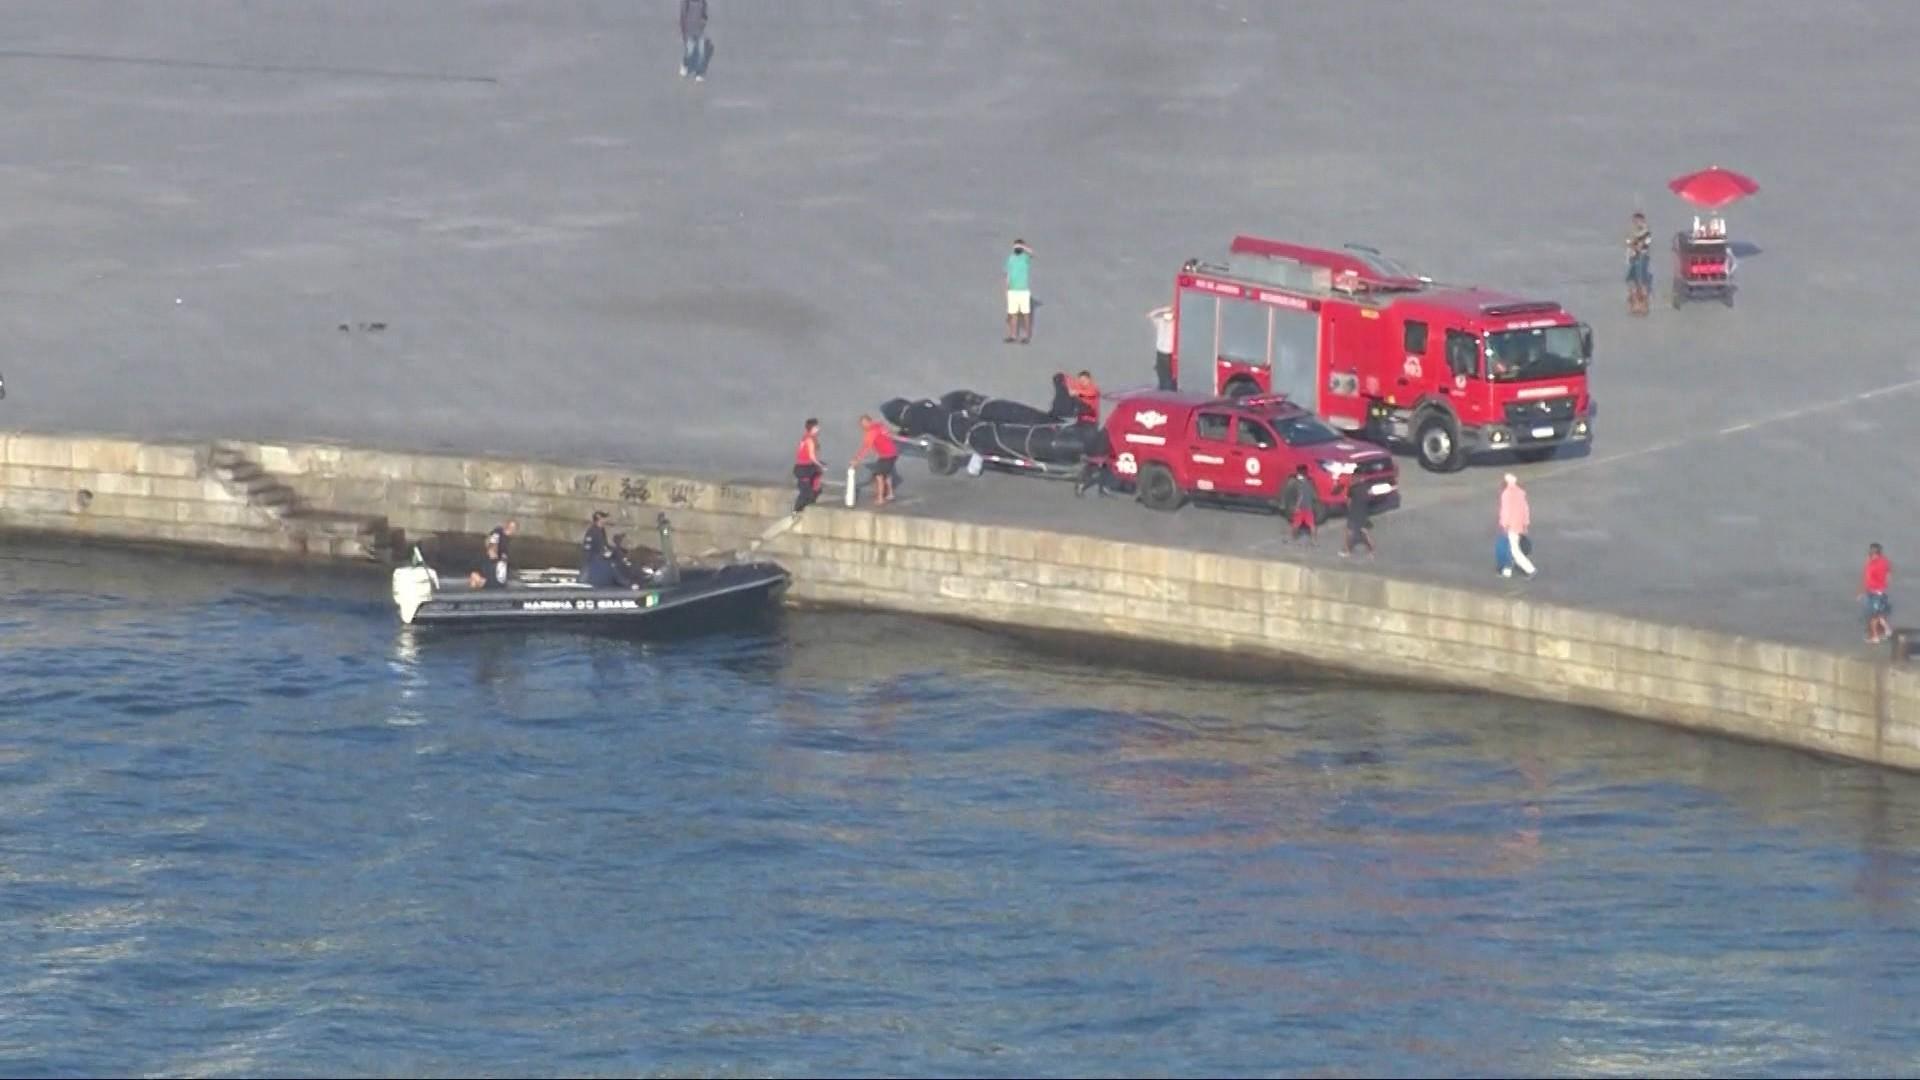 Helicóptero cai na Baía de Guanabara; dois tripulantes são resgatados com vida